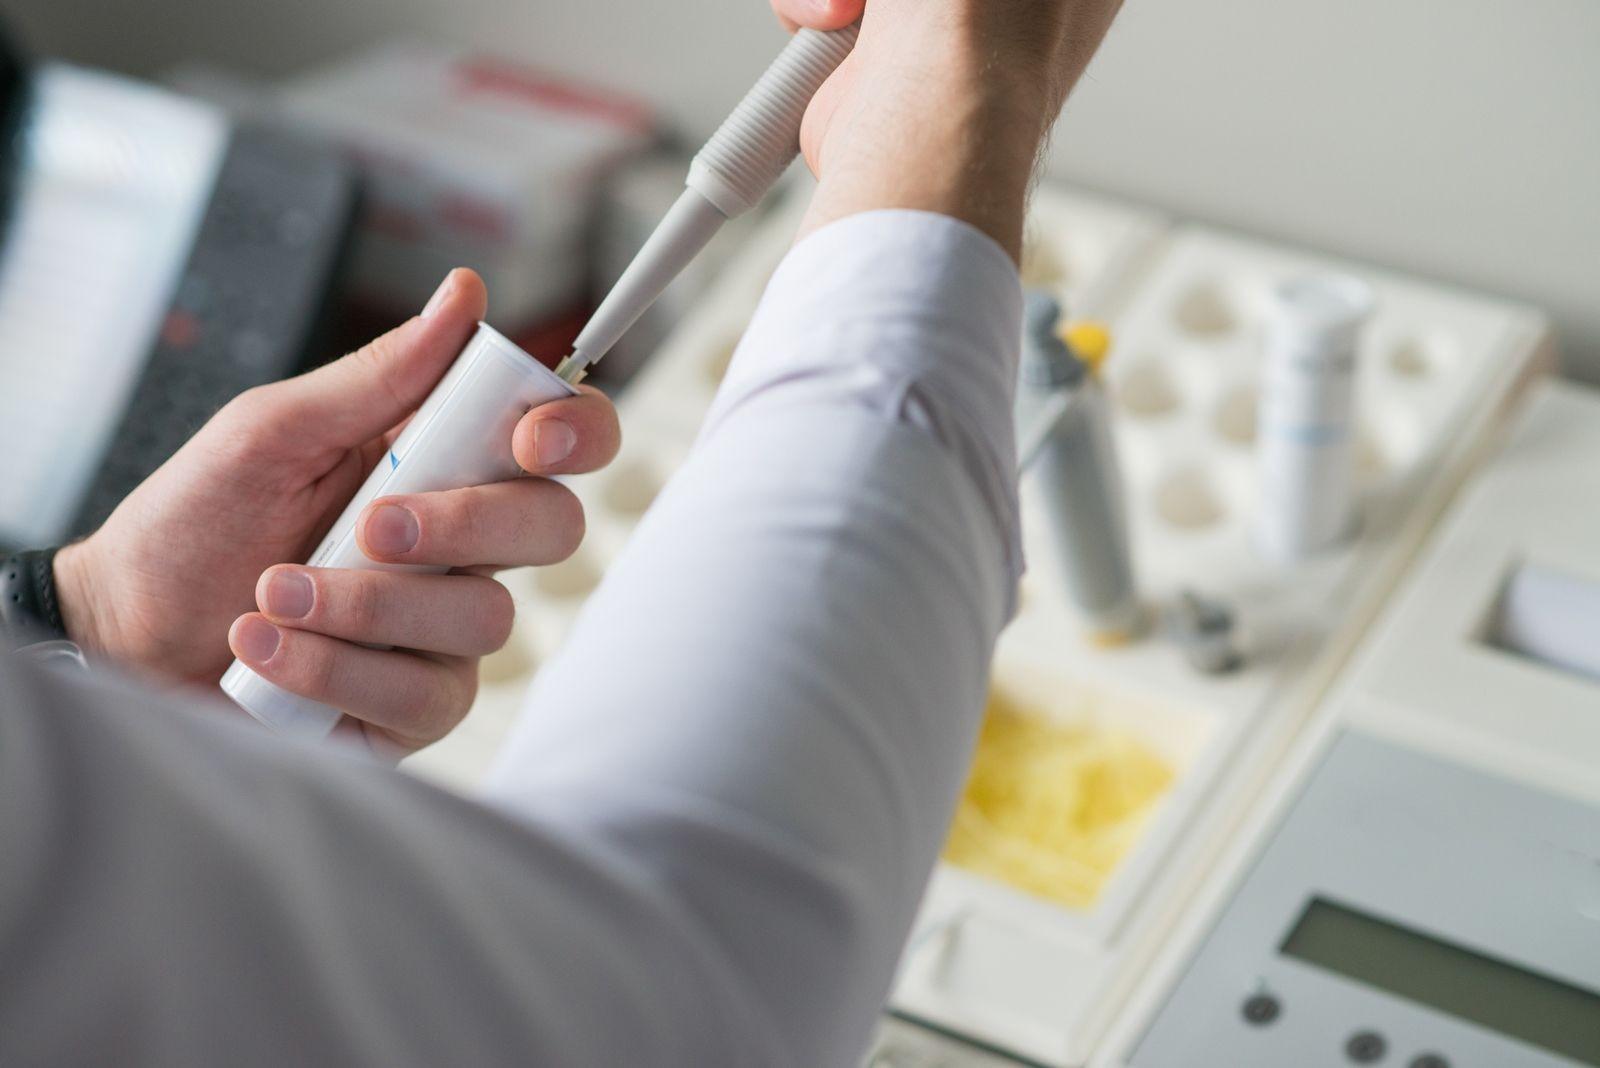 Acercamiento a las manos de una investigadora en un laboratorio